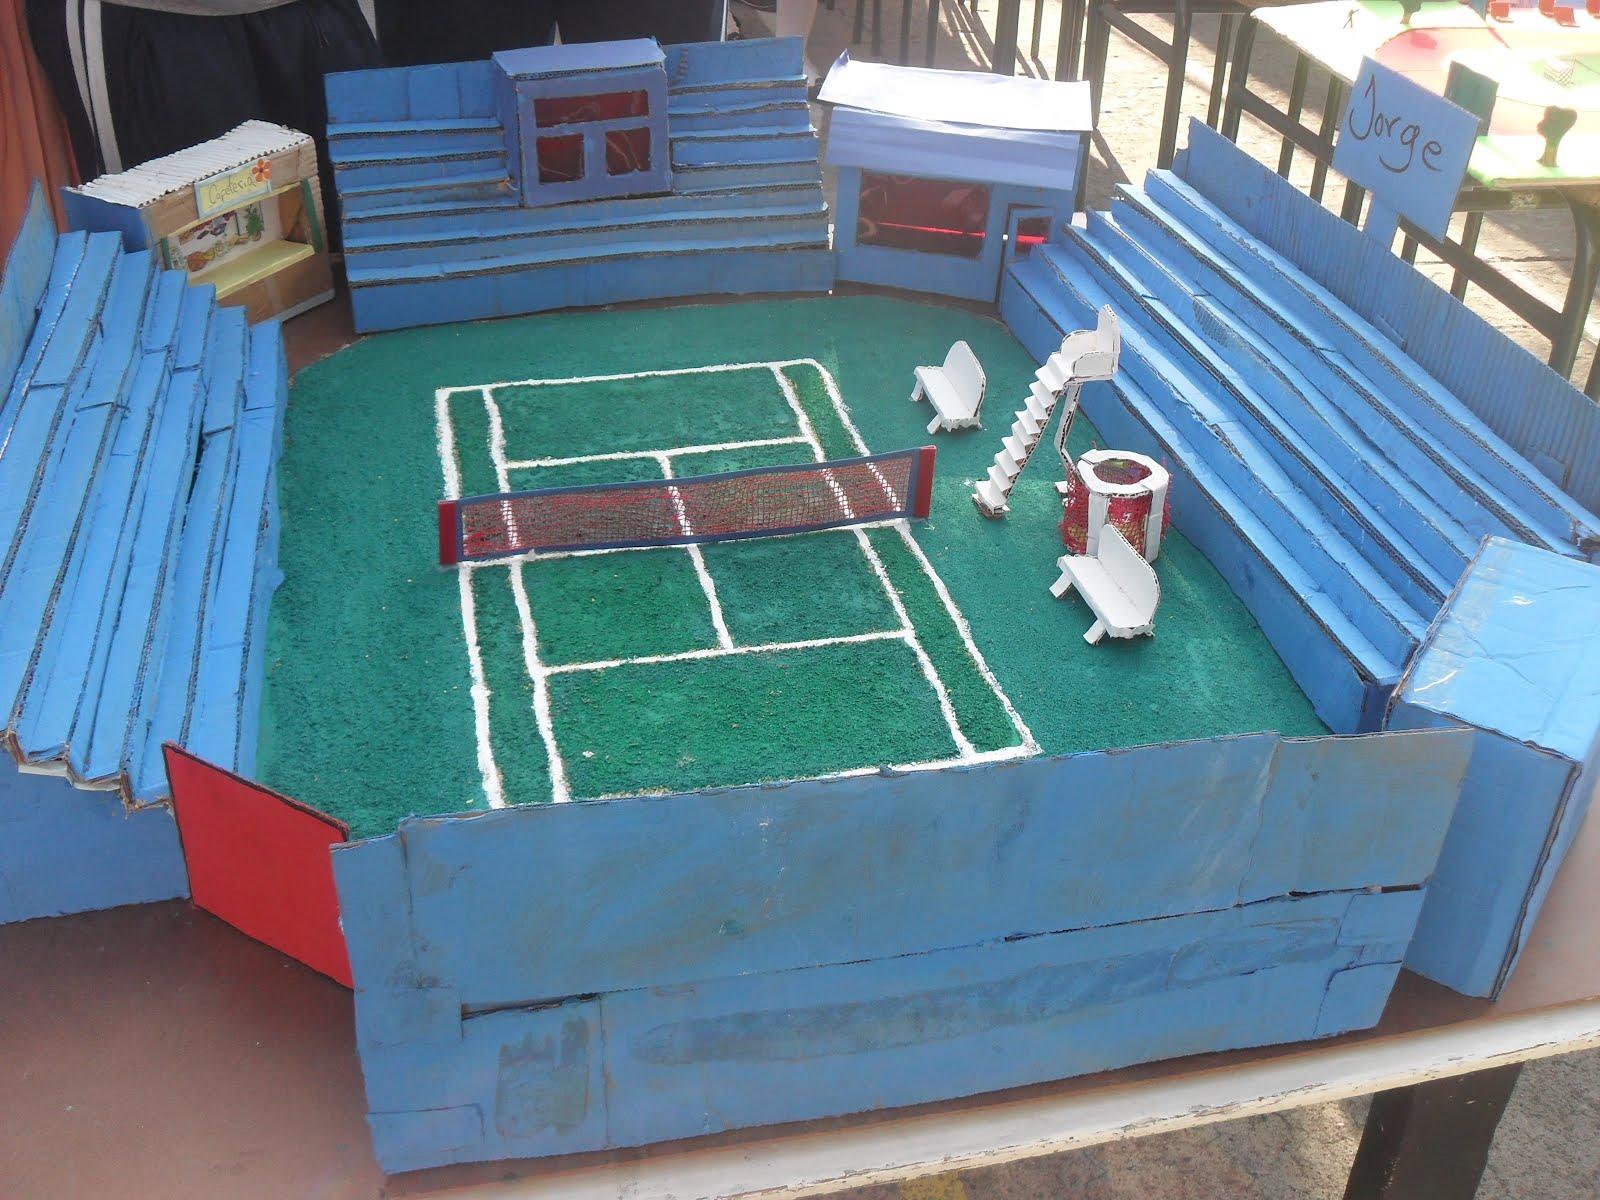 Colegio evangelico lucille rupp exhibicion de maquetas deportivas - Red voley piscina ...